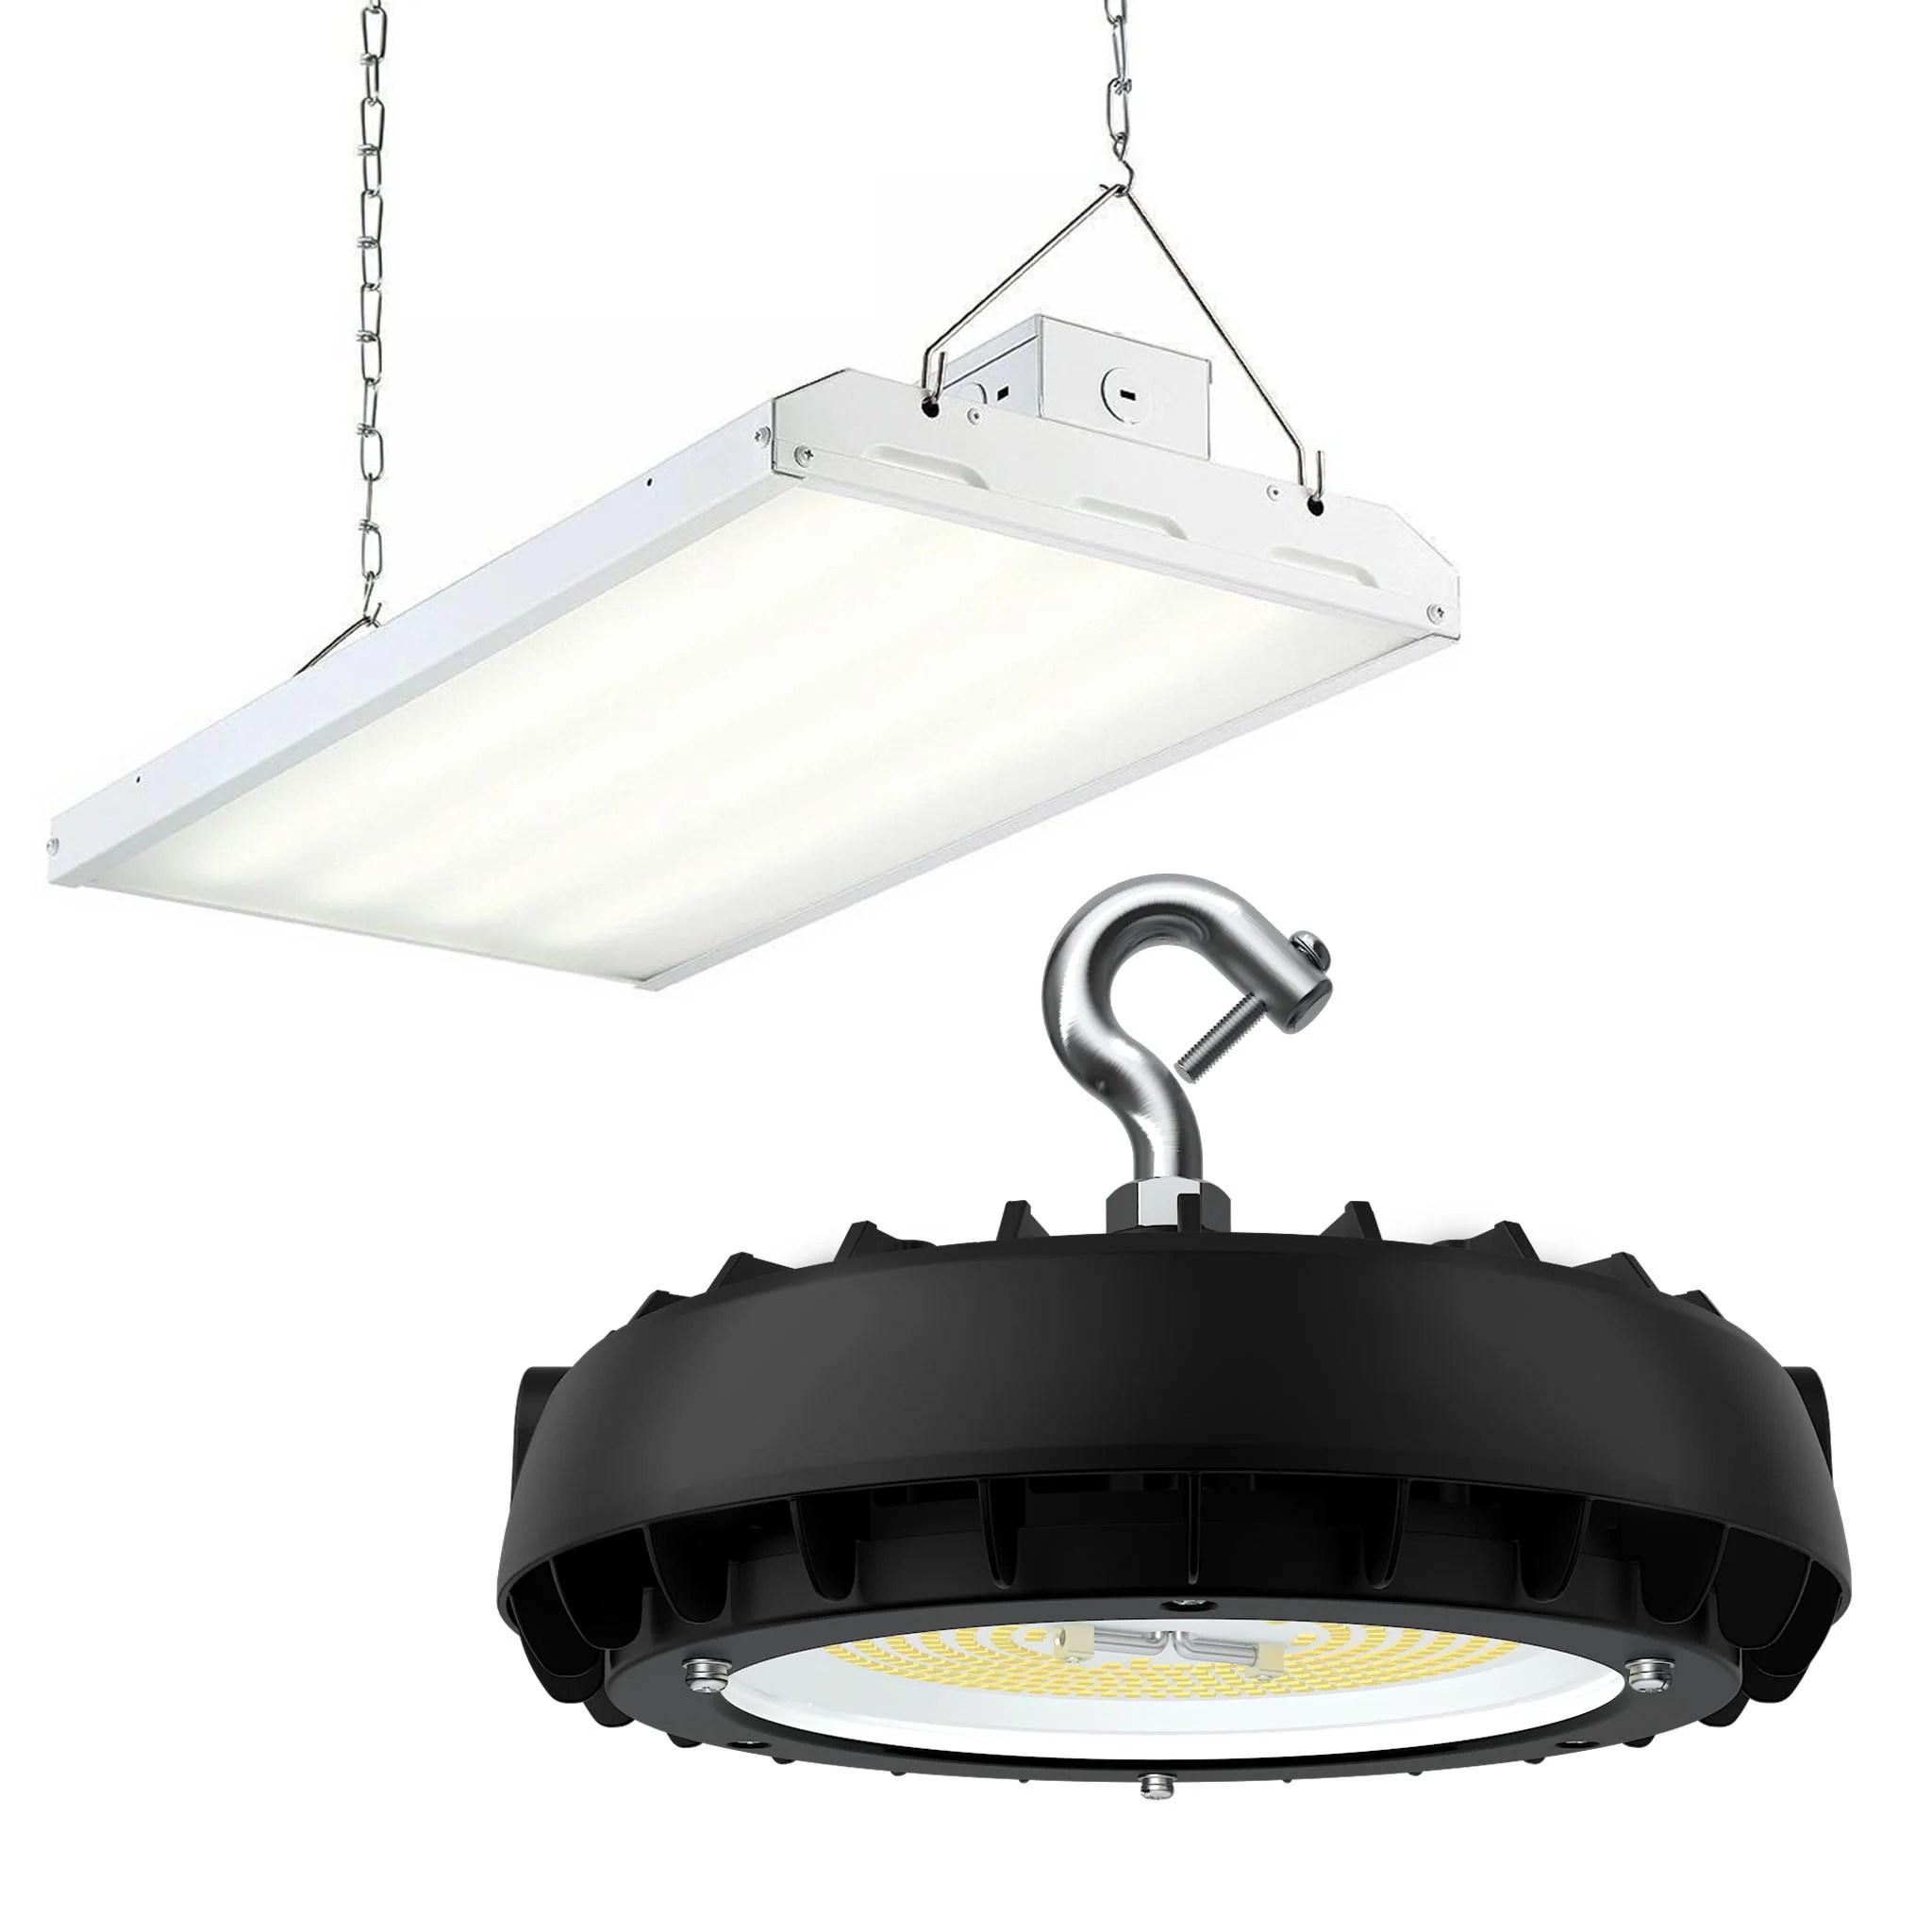 high bay lights lighting fixtures [ 2800 x 1170 Pixel ]